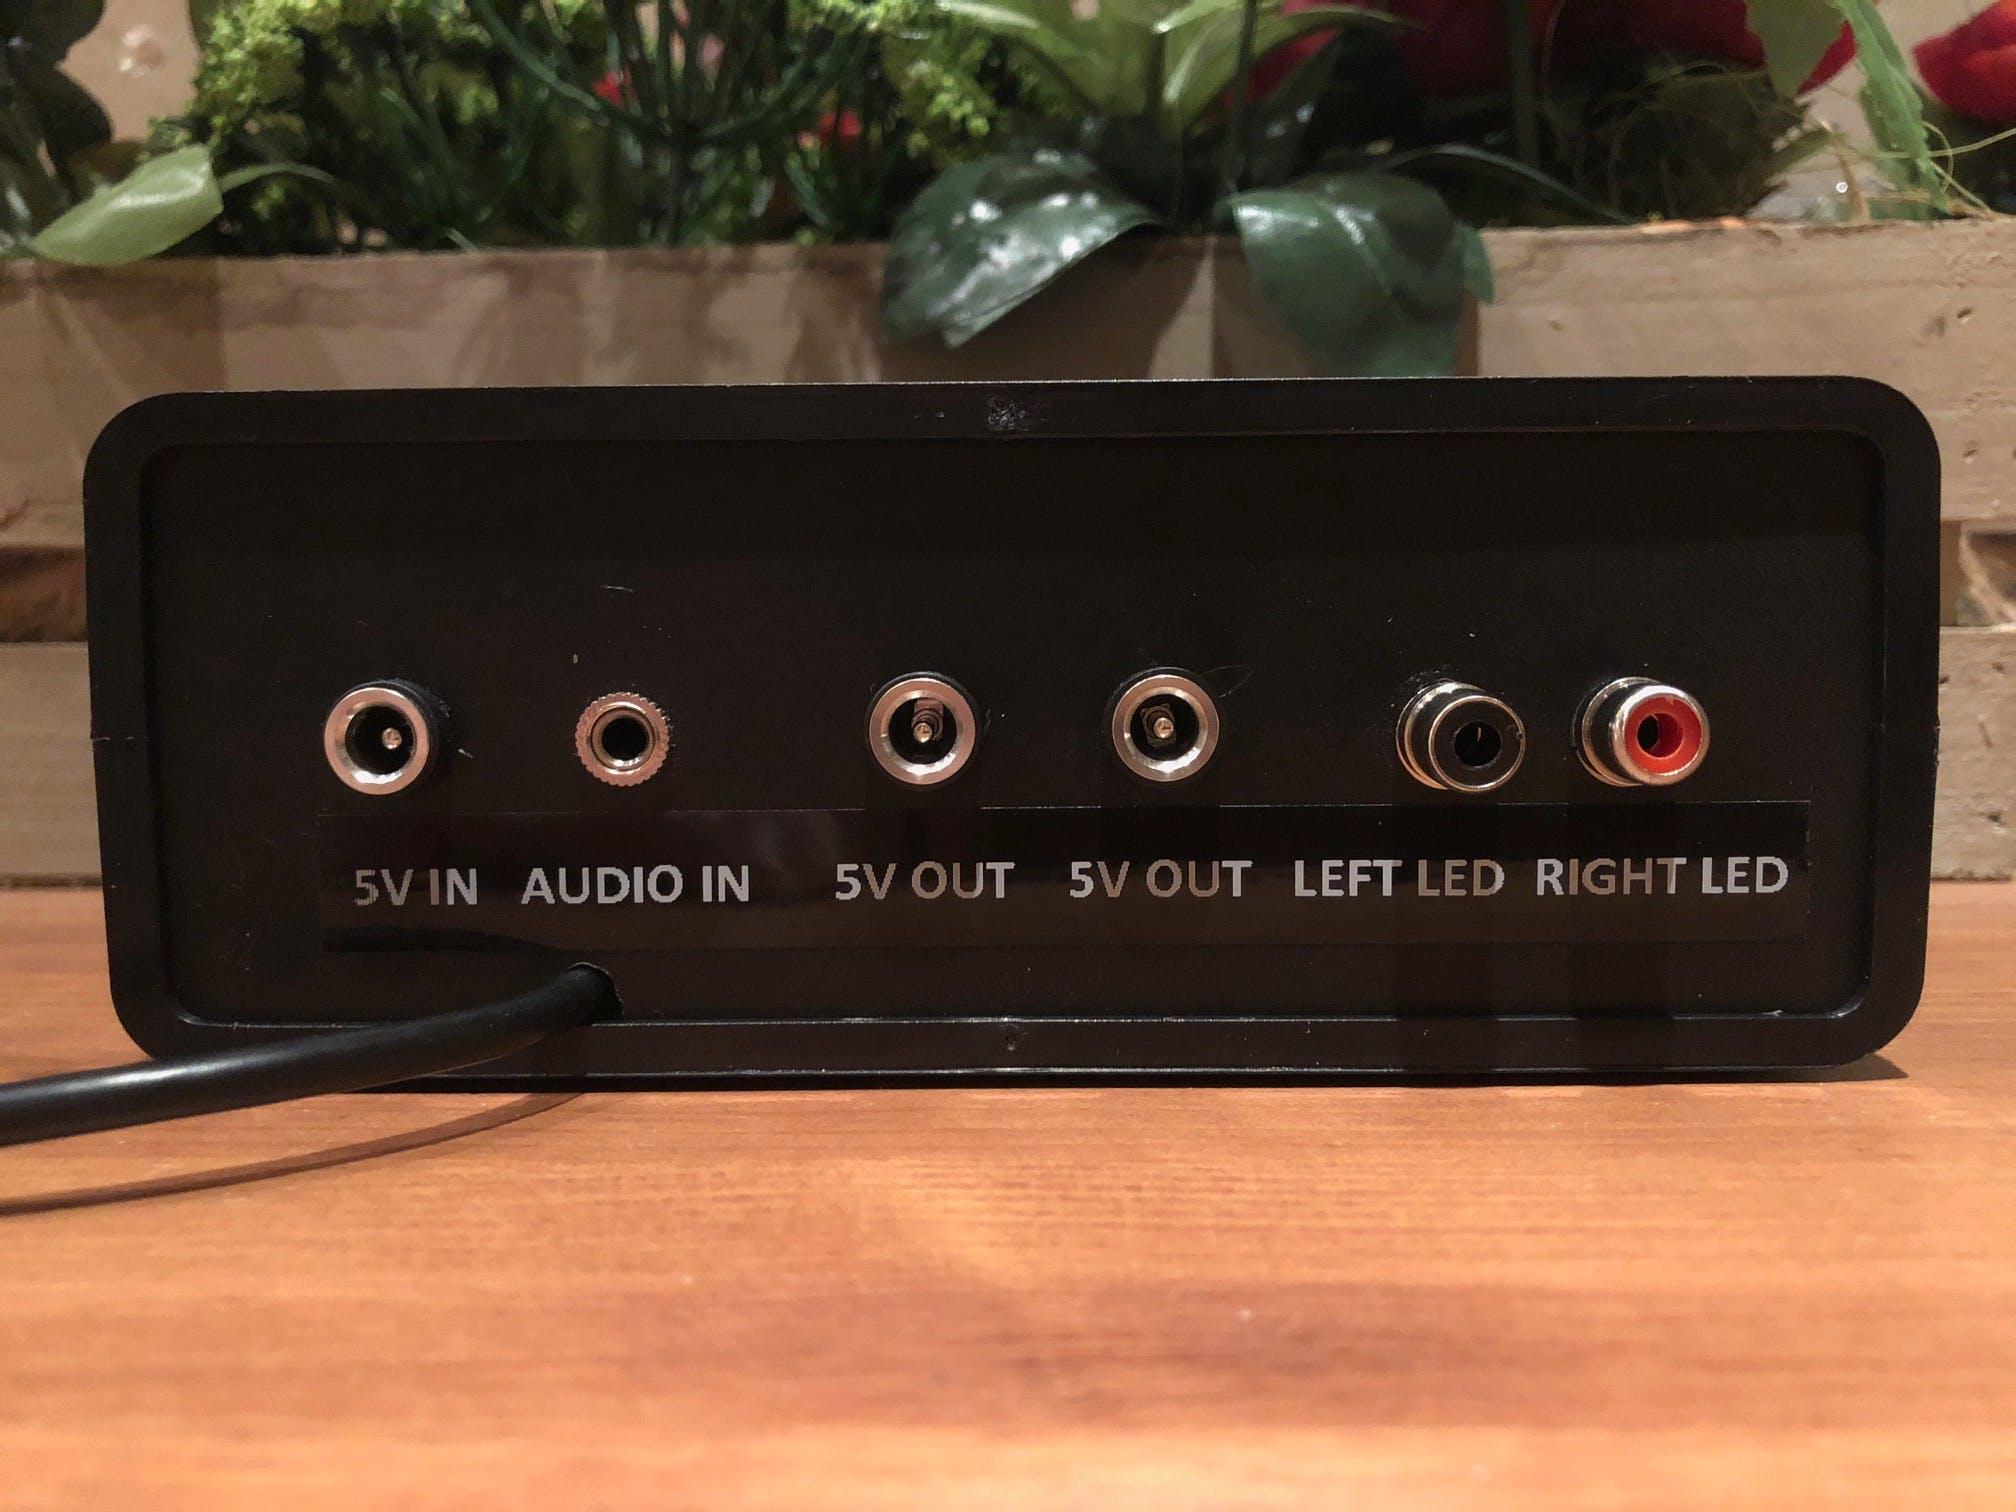 Arduino LED VU meter controller back